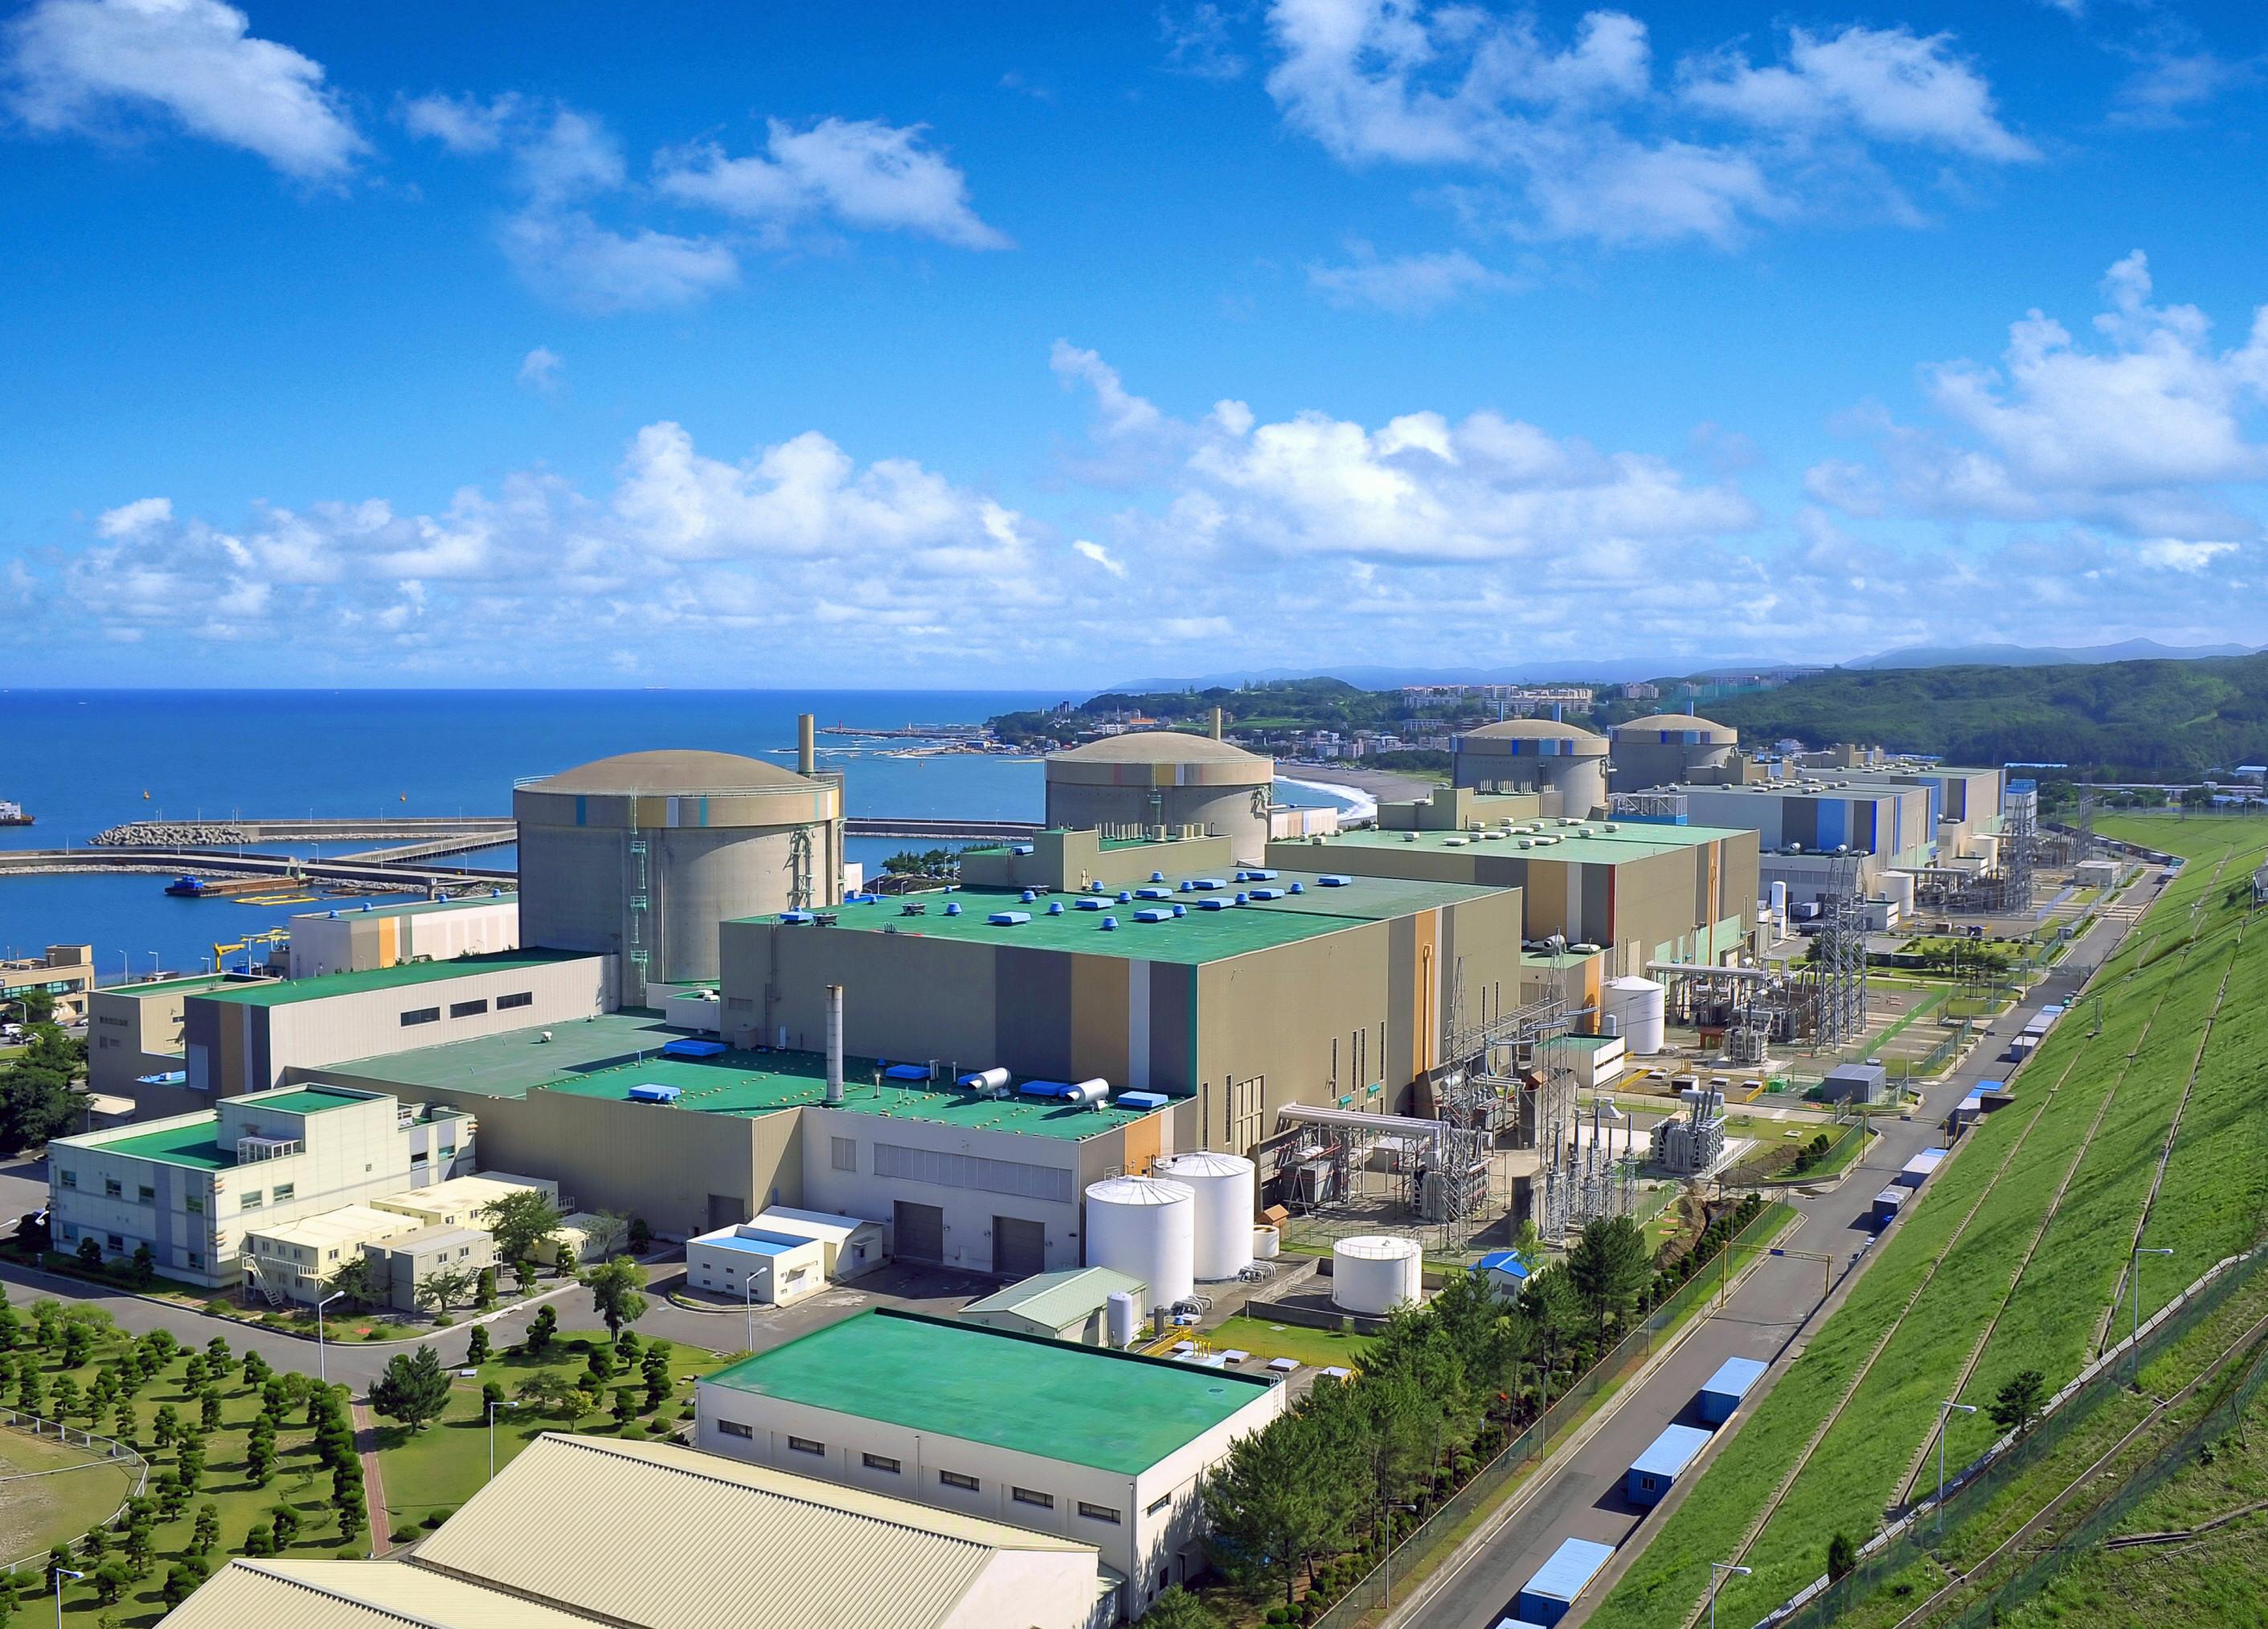 ▲▼南韓記者表示,其實南韓月城核電廠也會將含有氚的廢水排入海洋。(圖/翻攝自維基百科)